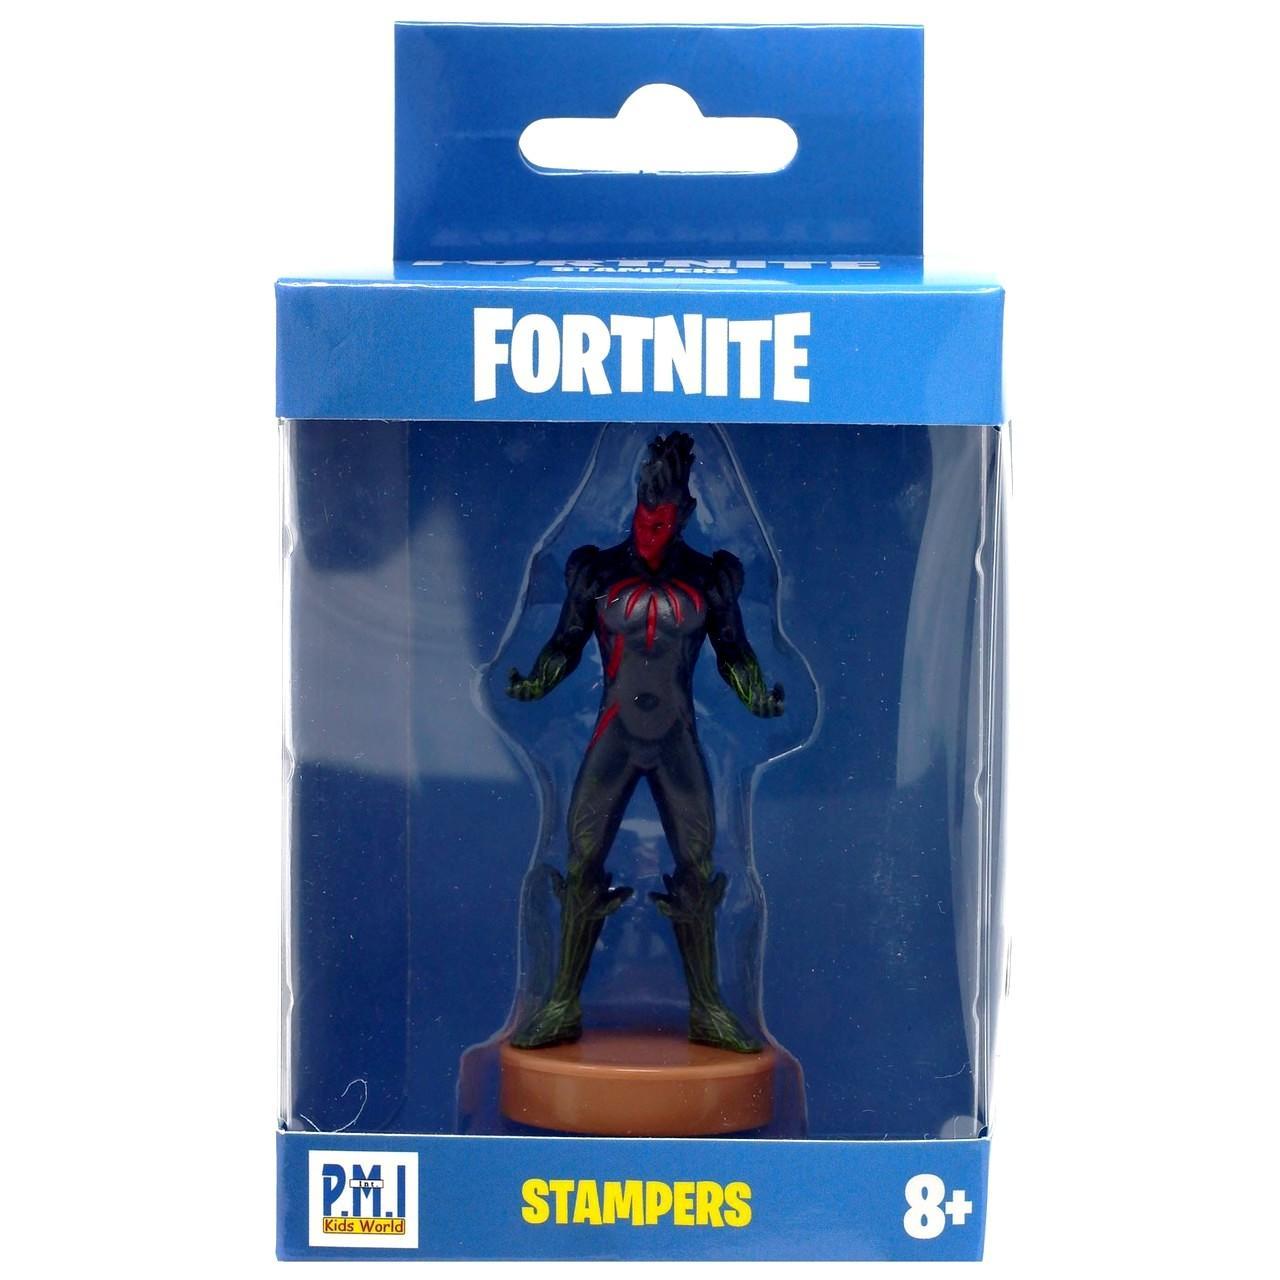 Fortstamp1pk12 25131 1559076352